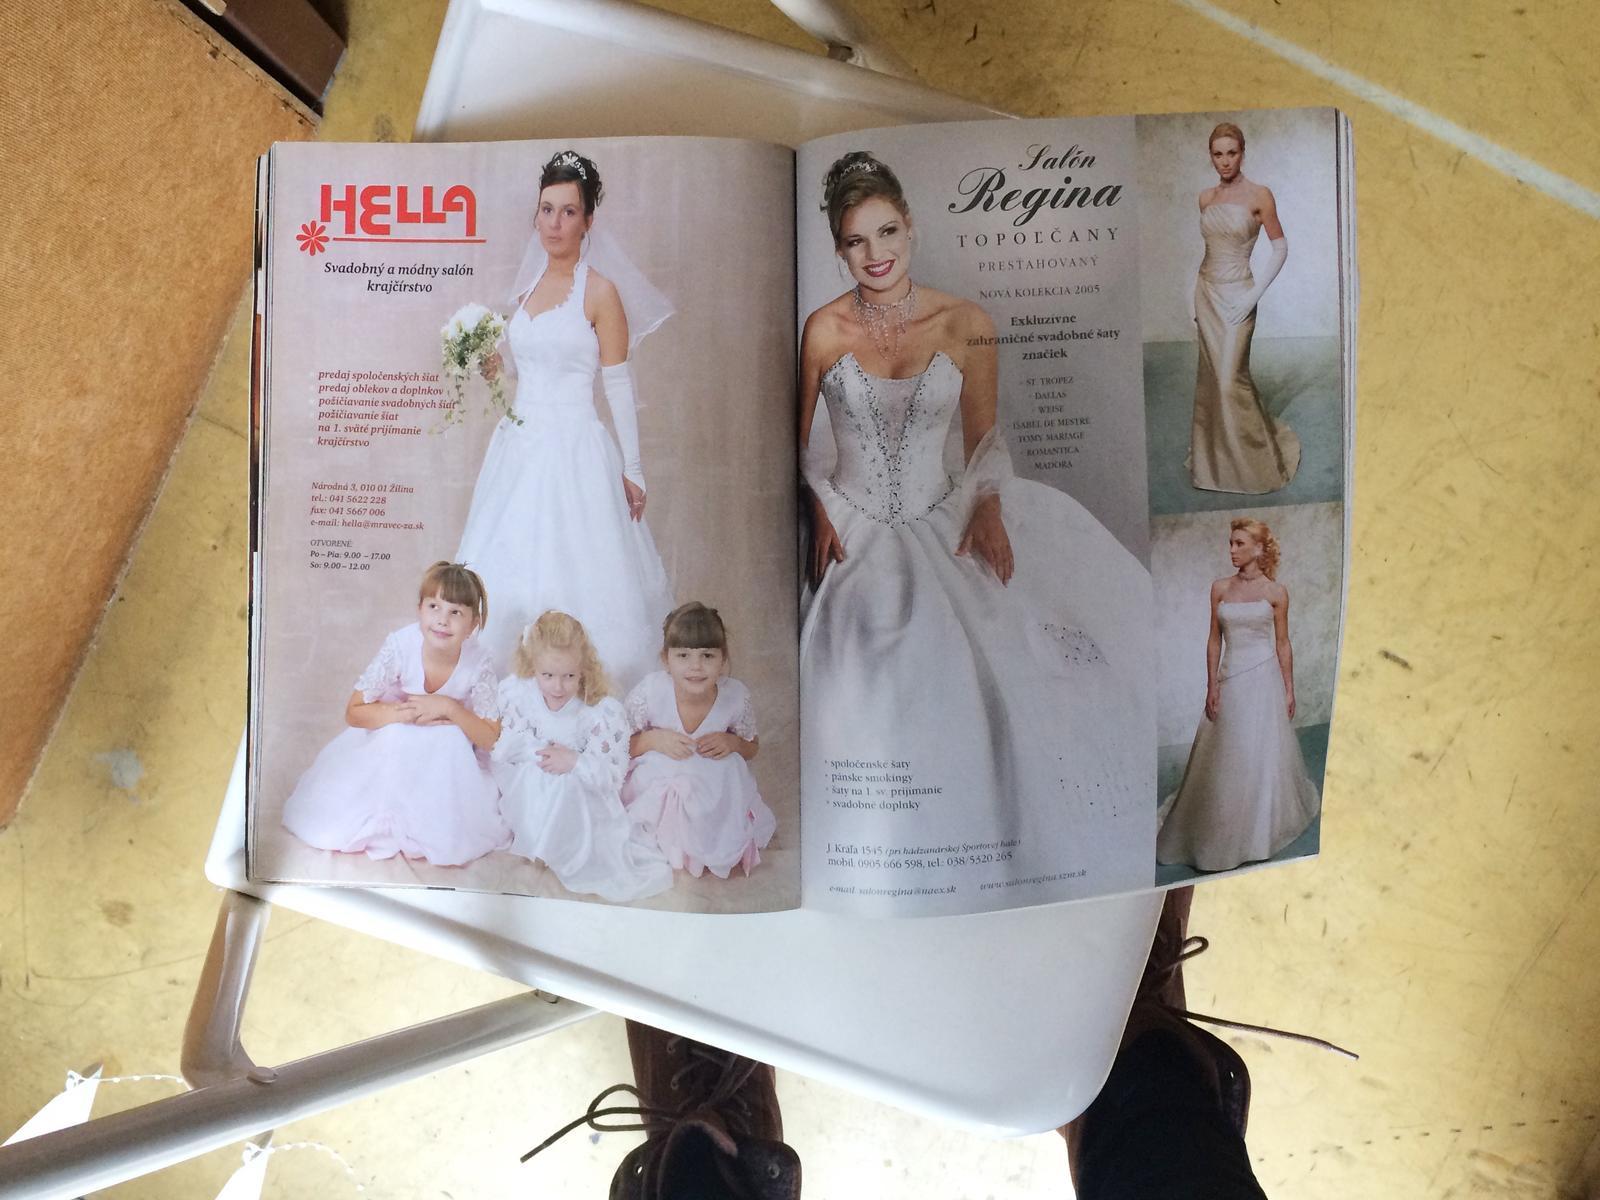 Dnes som našla svadobný časopis z roku 2005 a nad niektorými svadobnými trendami z toho obdobia som sa dosť pousmiala a tešila sa, že sa vytratili :) Napadá vám niečo, čo by sa podľa vás do svadobnej módy už nemalo vrátiť? :) - Obrázok č. 1